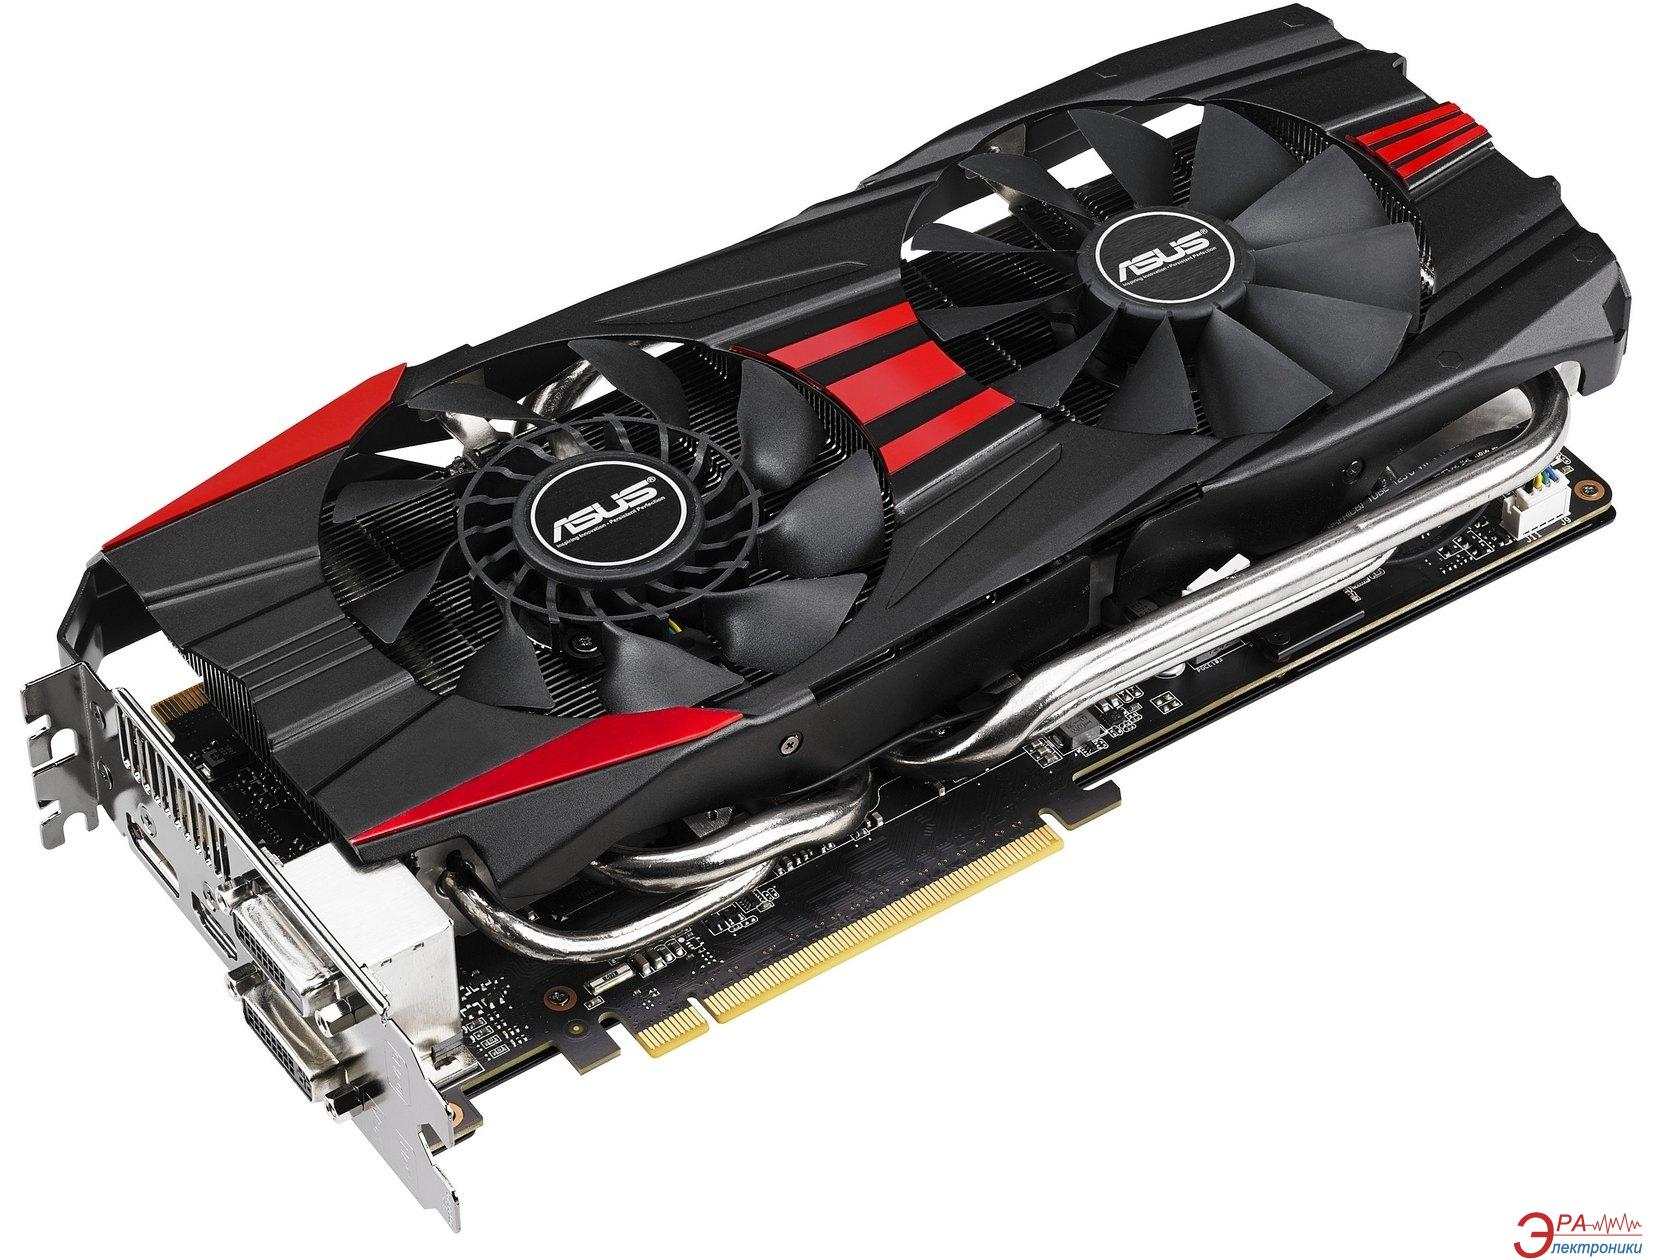 Видеокарта Asus Nvidia GeForce GTX 780 GDDR5 3072 Мб (GTX780-DC2-3GD5)